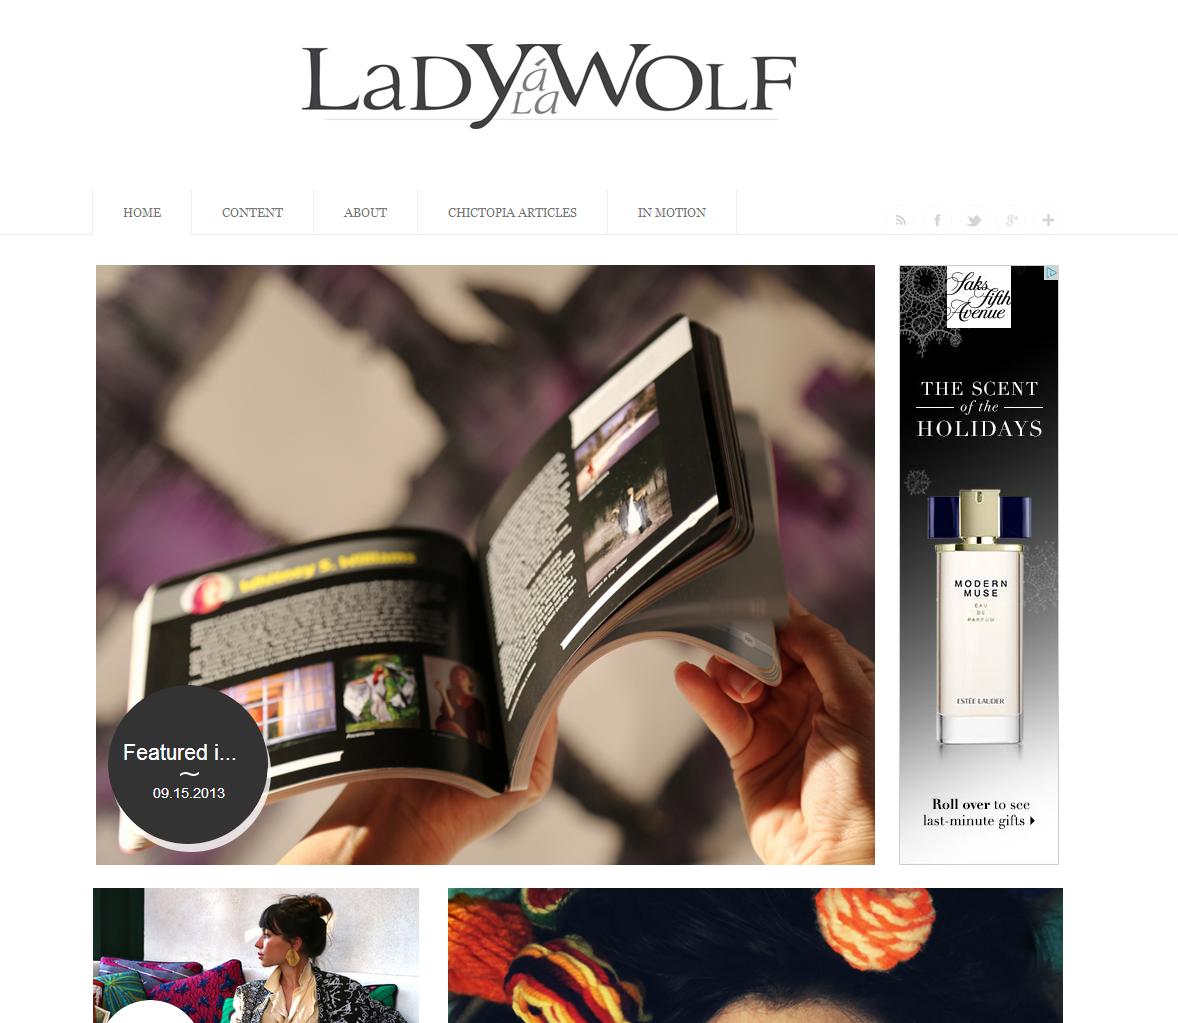 alaladywolf.png